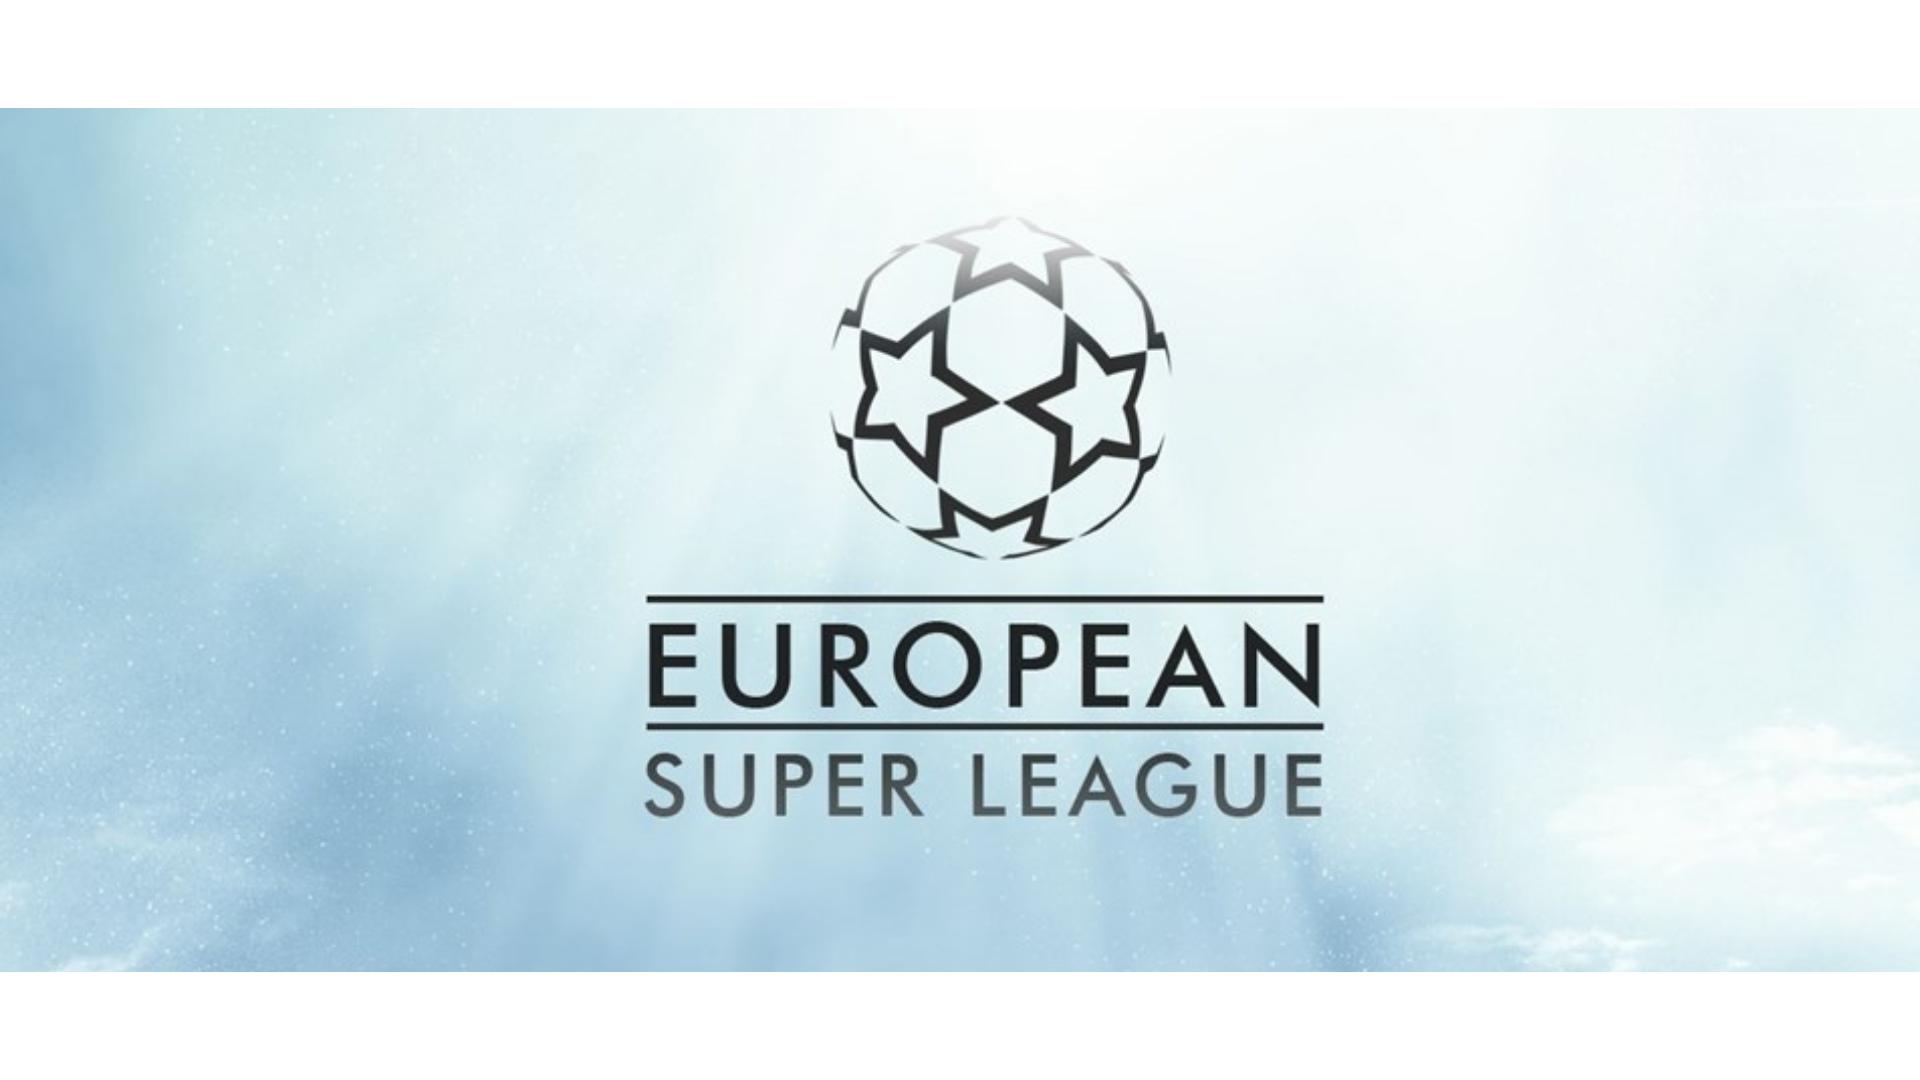 Avrup Süper Ligi logo görseli.